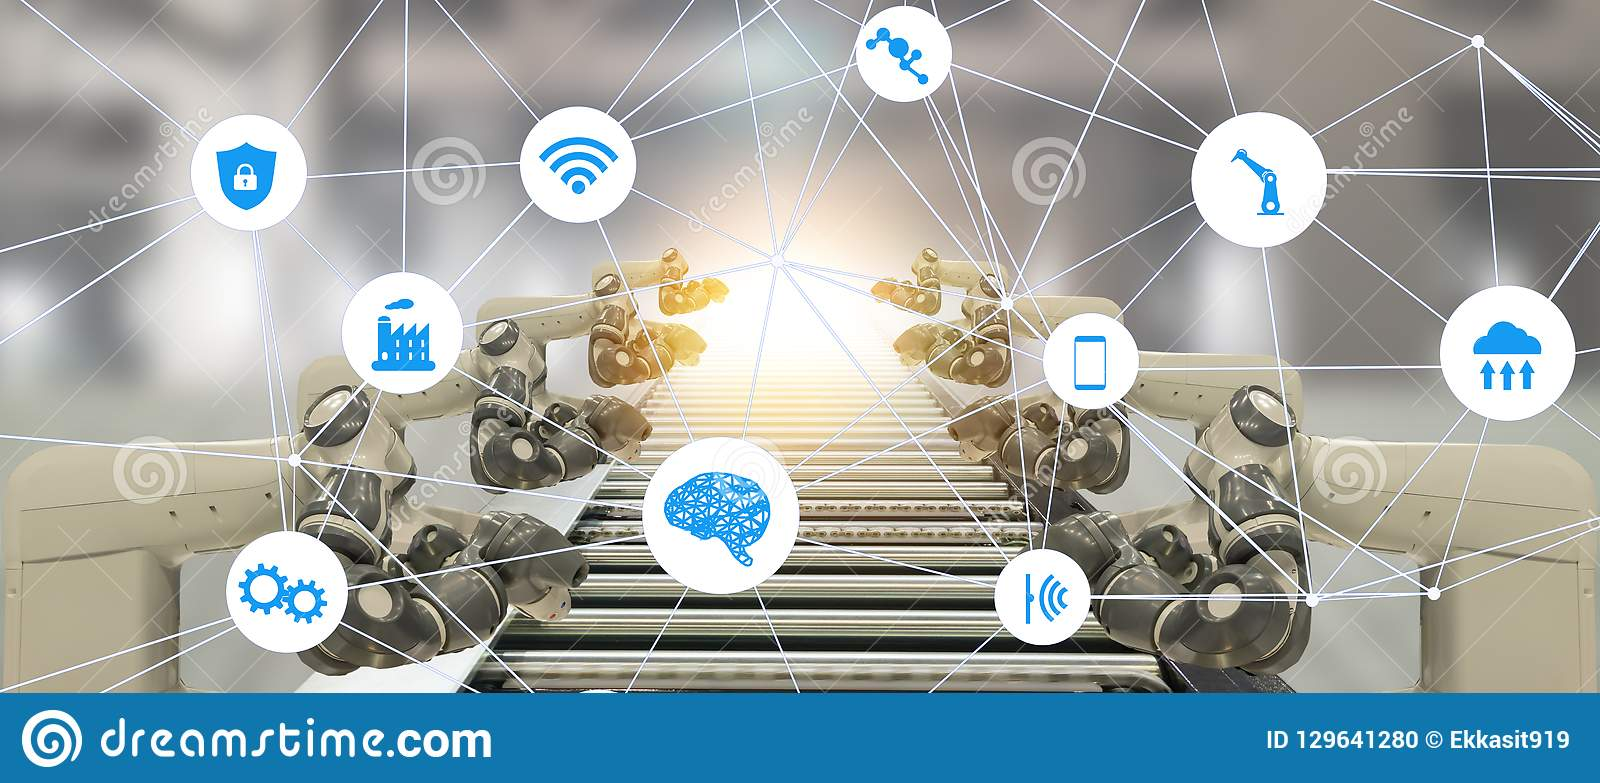 De Iotindustrie 4 0 het concept van de kunstmatige intelligentietechnologie Slimme fabriek die het neigen automatiserings robotac